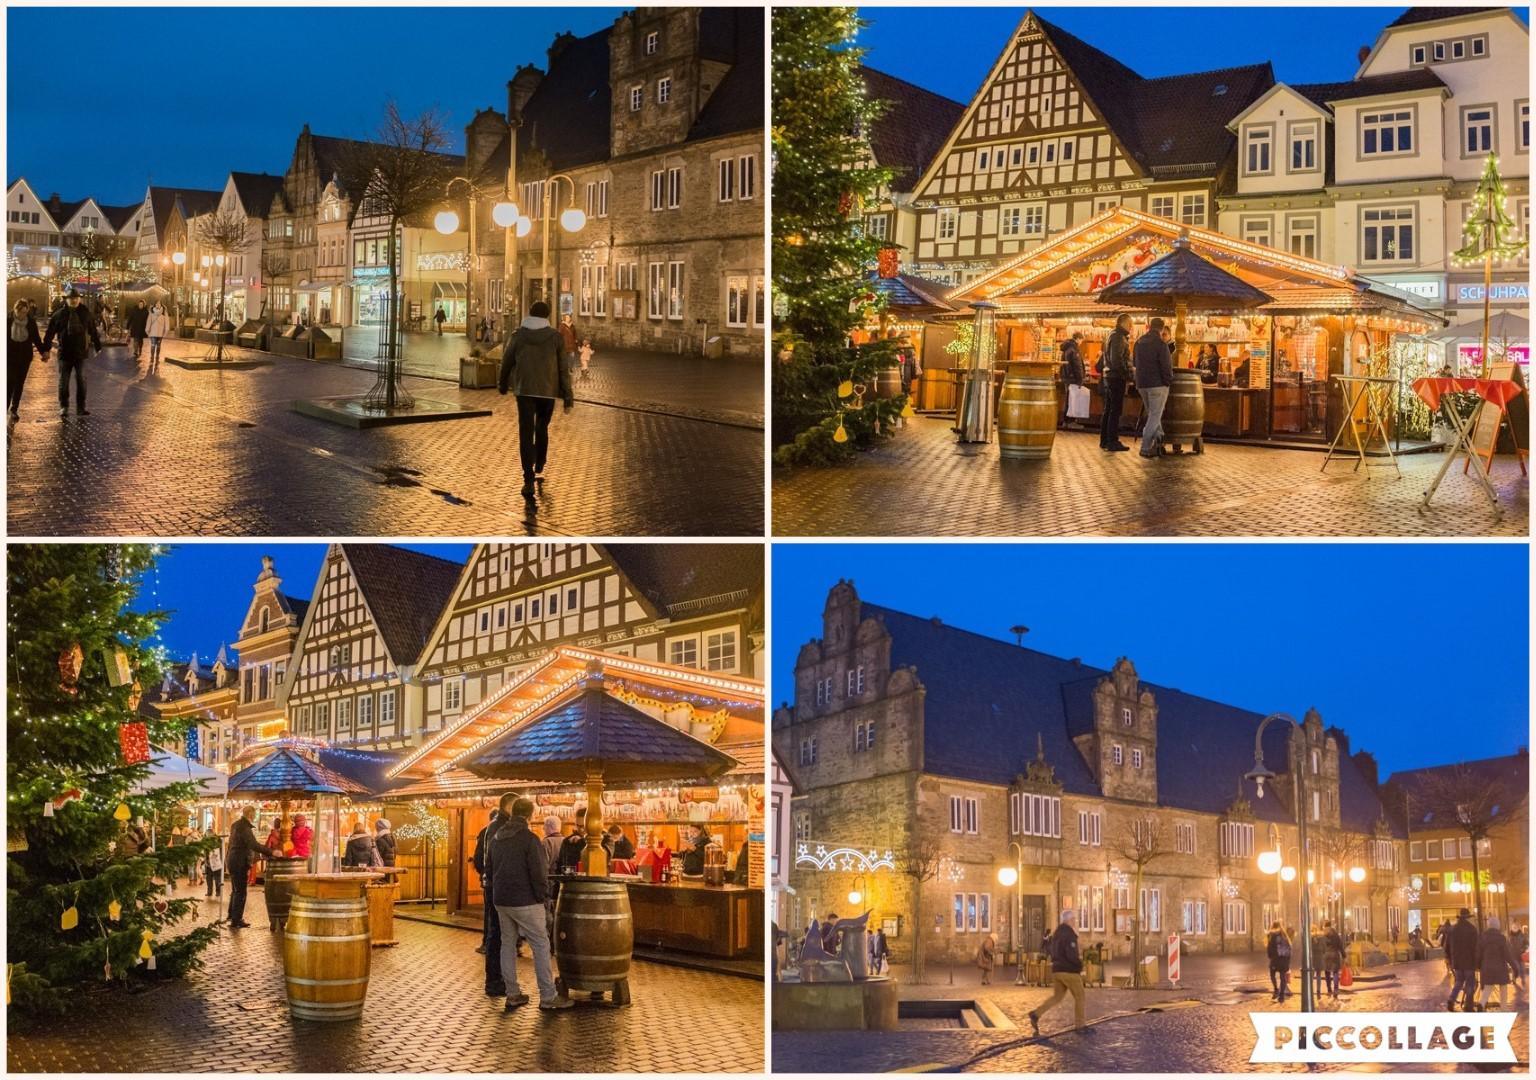 Weihnachtsmarkt in Stadthagen